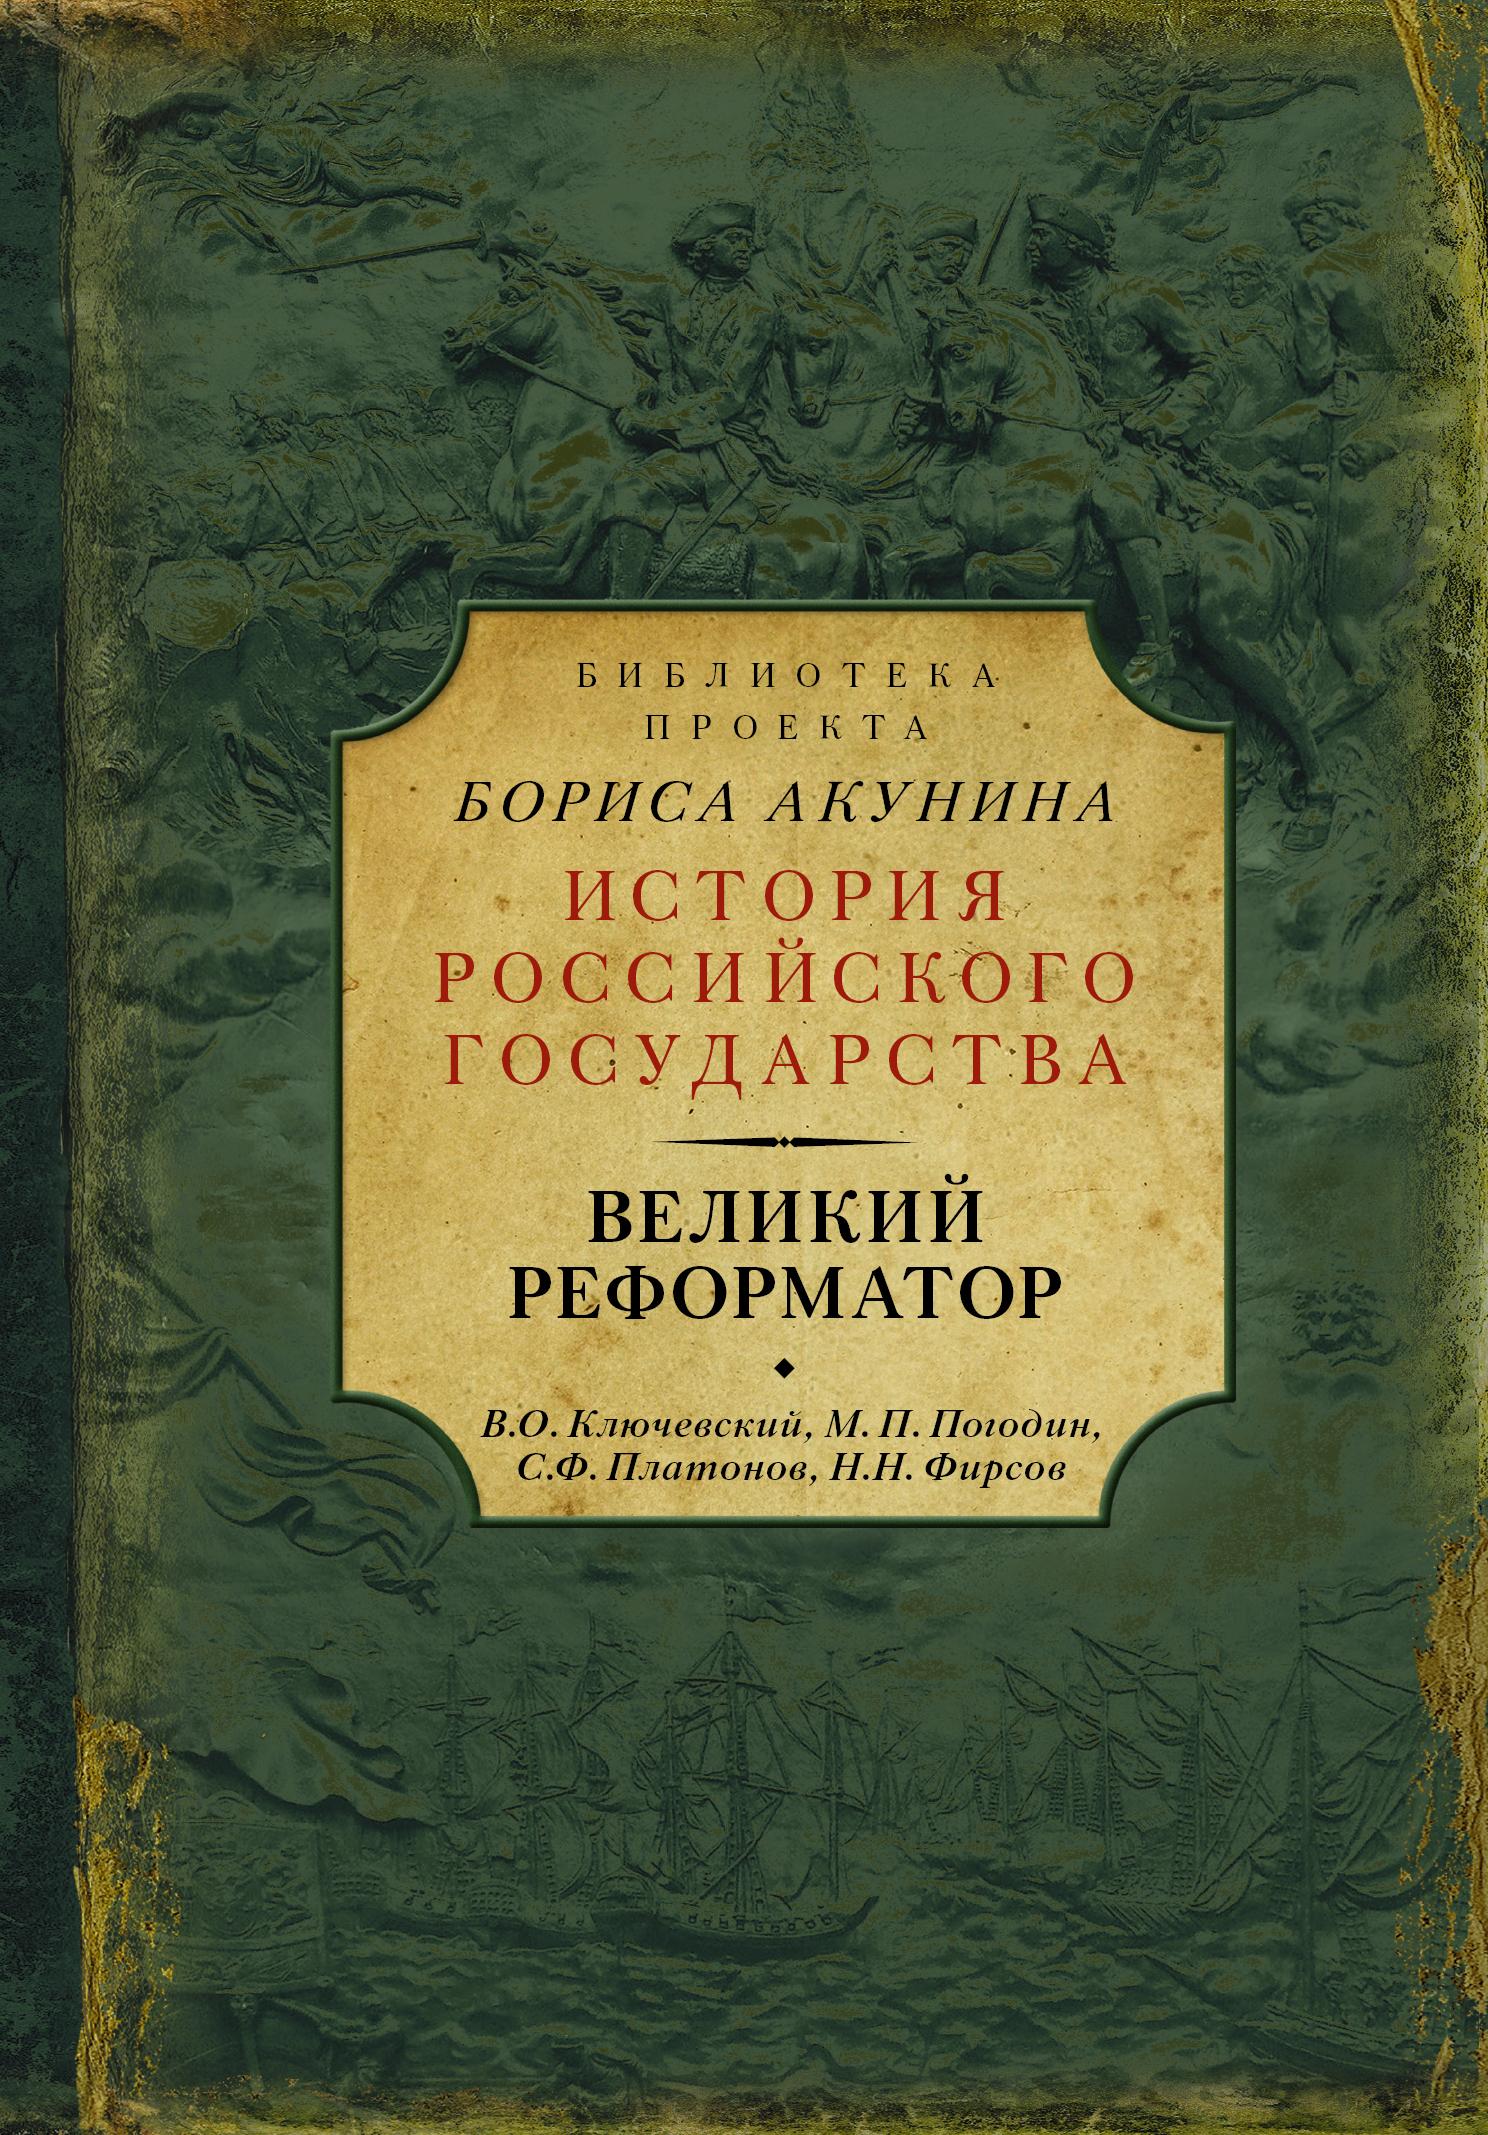 Василий Ключевский, Михаил Погодин Великий реформатор chi двойной красный chi ionic 4rr